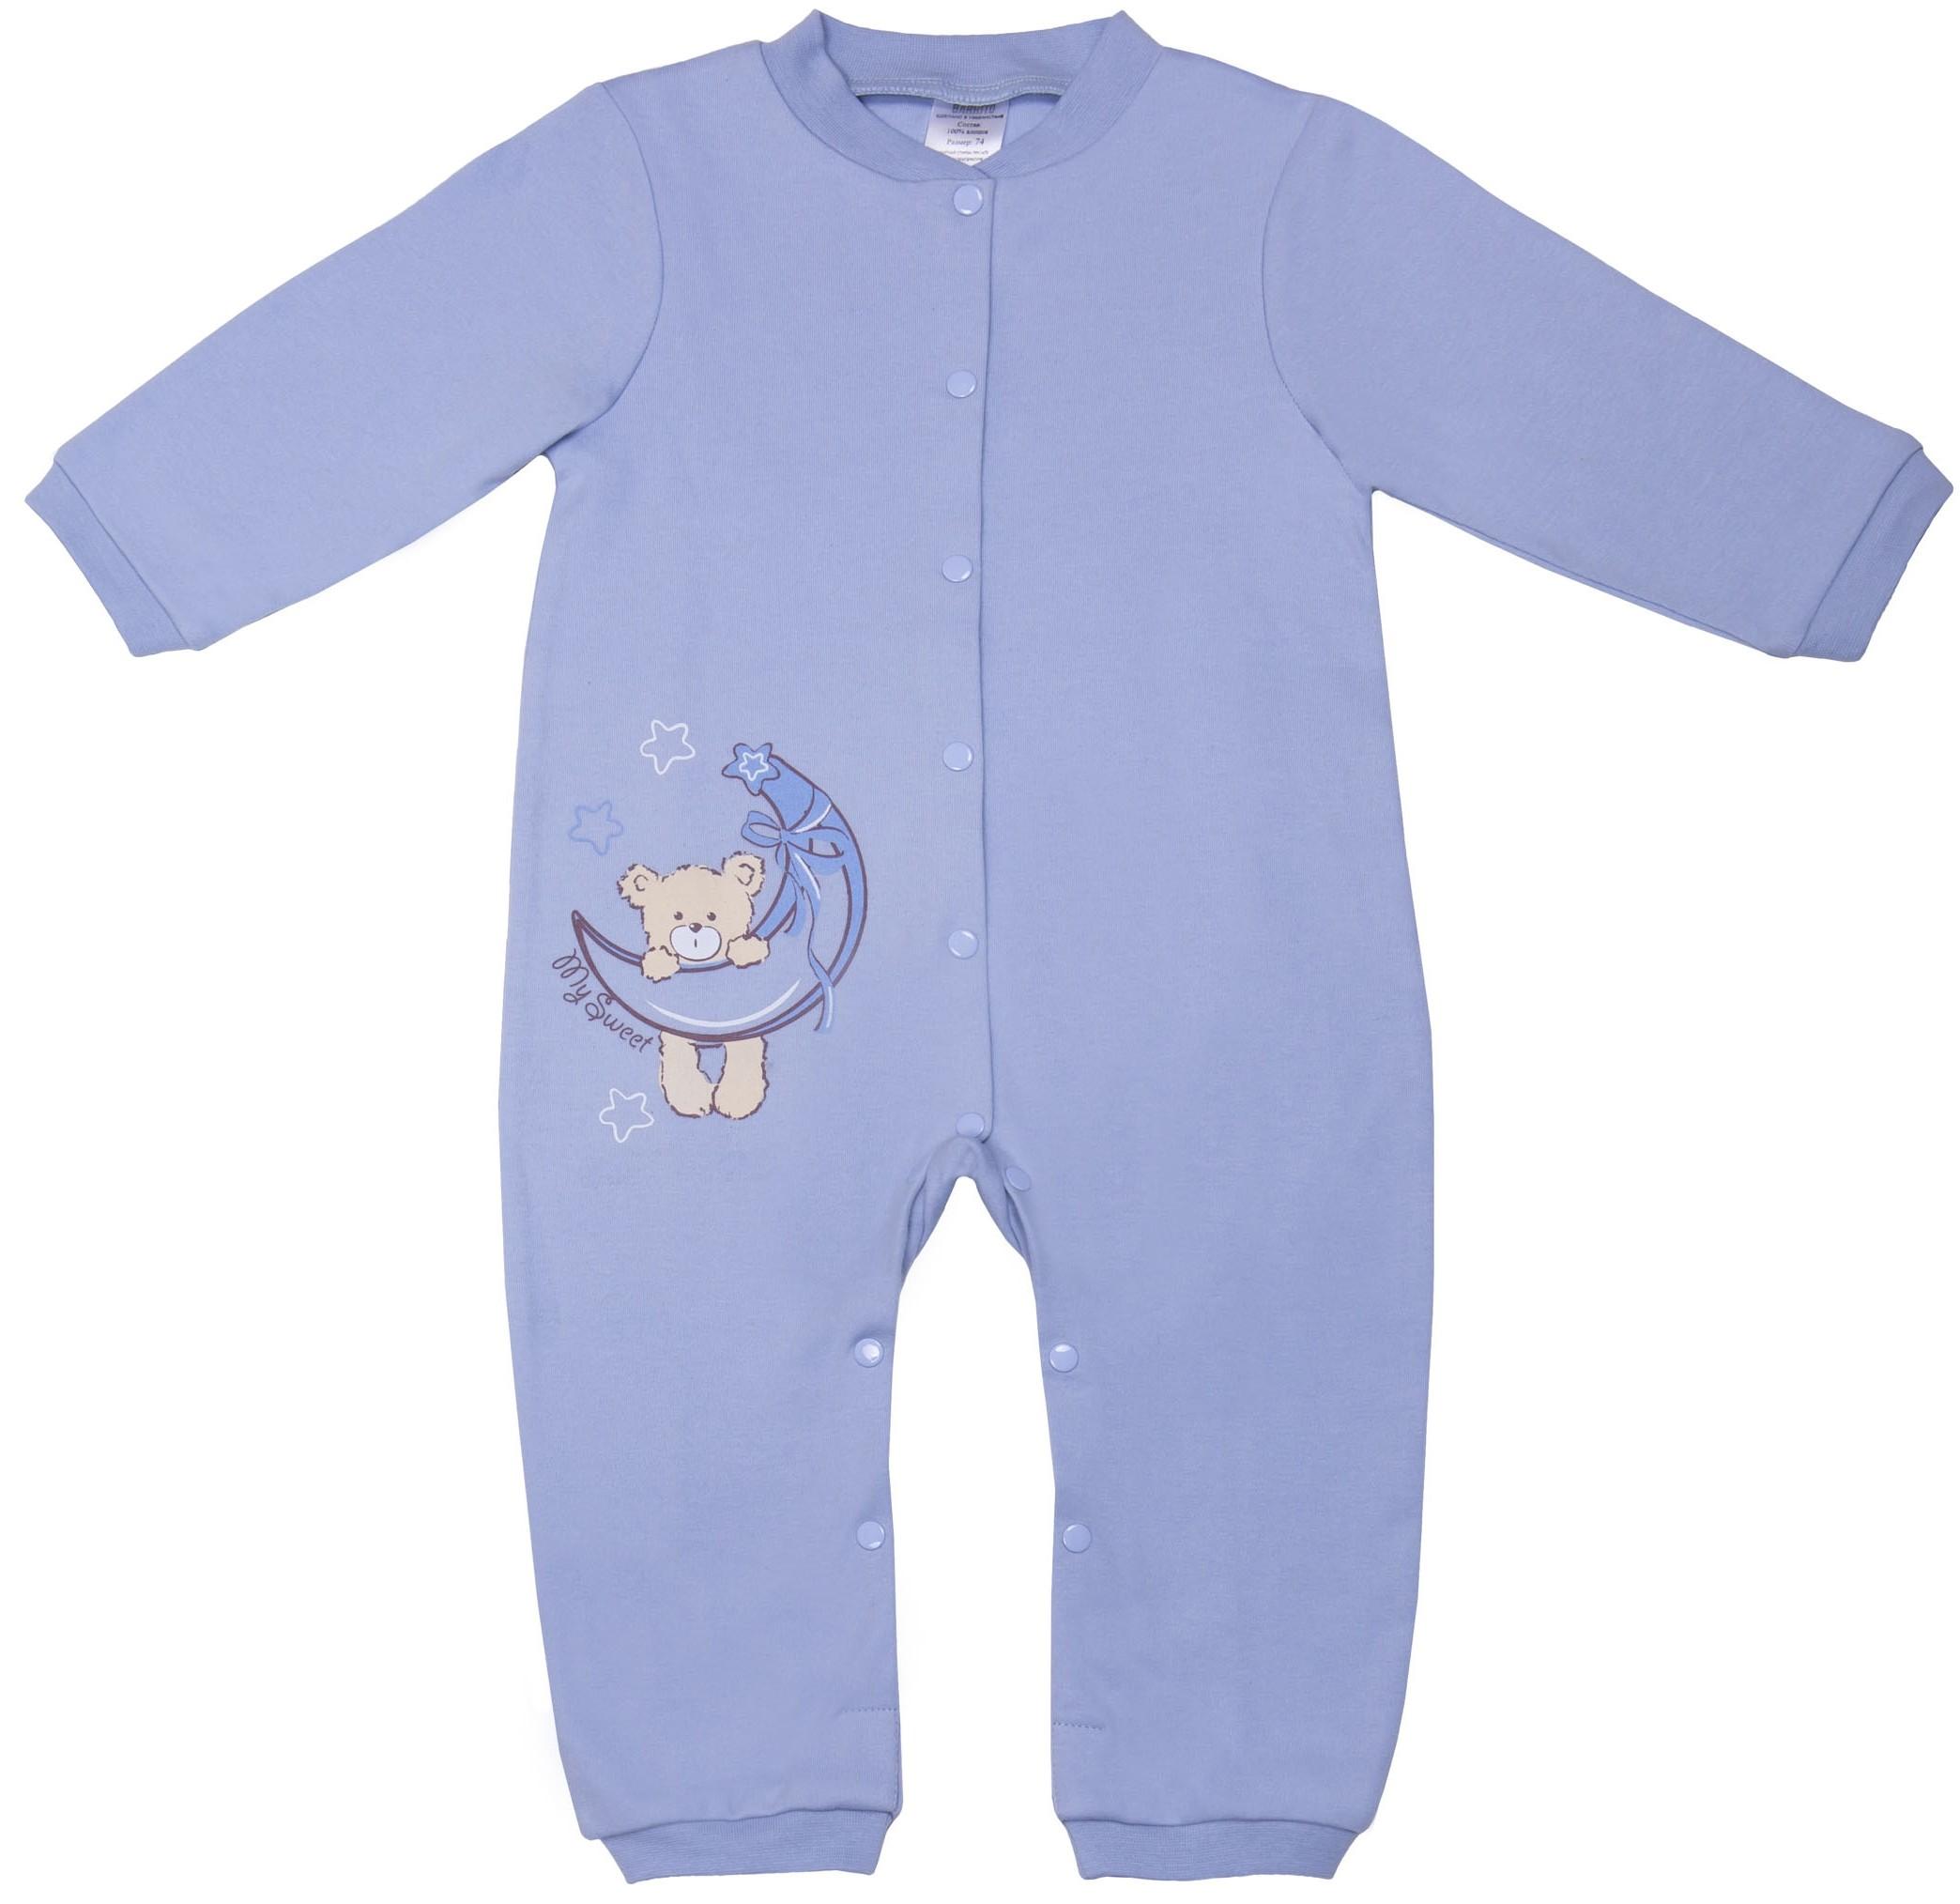 Комбинезон для мальчика Barkito С открытой стопой Сладкие сны голубой peter pilotto топ без рукавов